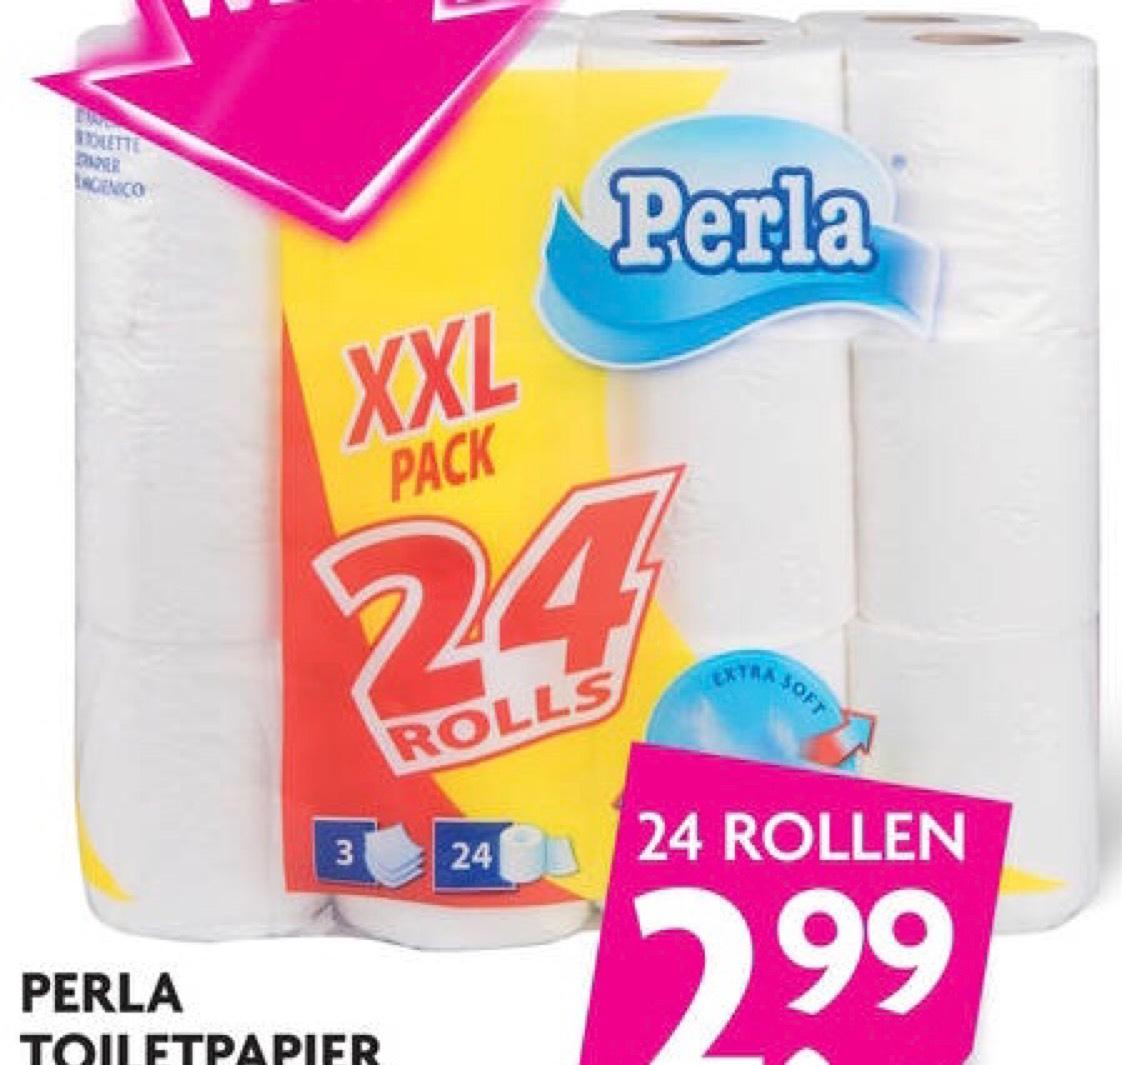 Perla toiletpapier 24 rollen 3-laags @DekaMarkt